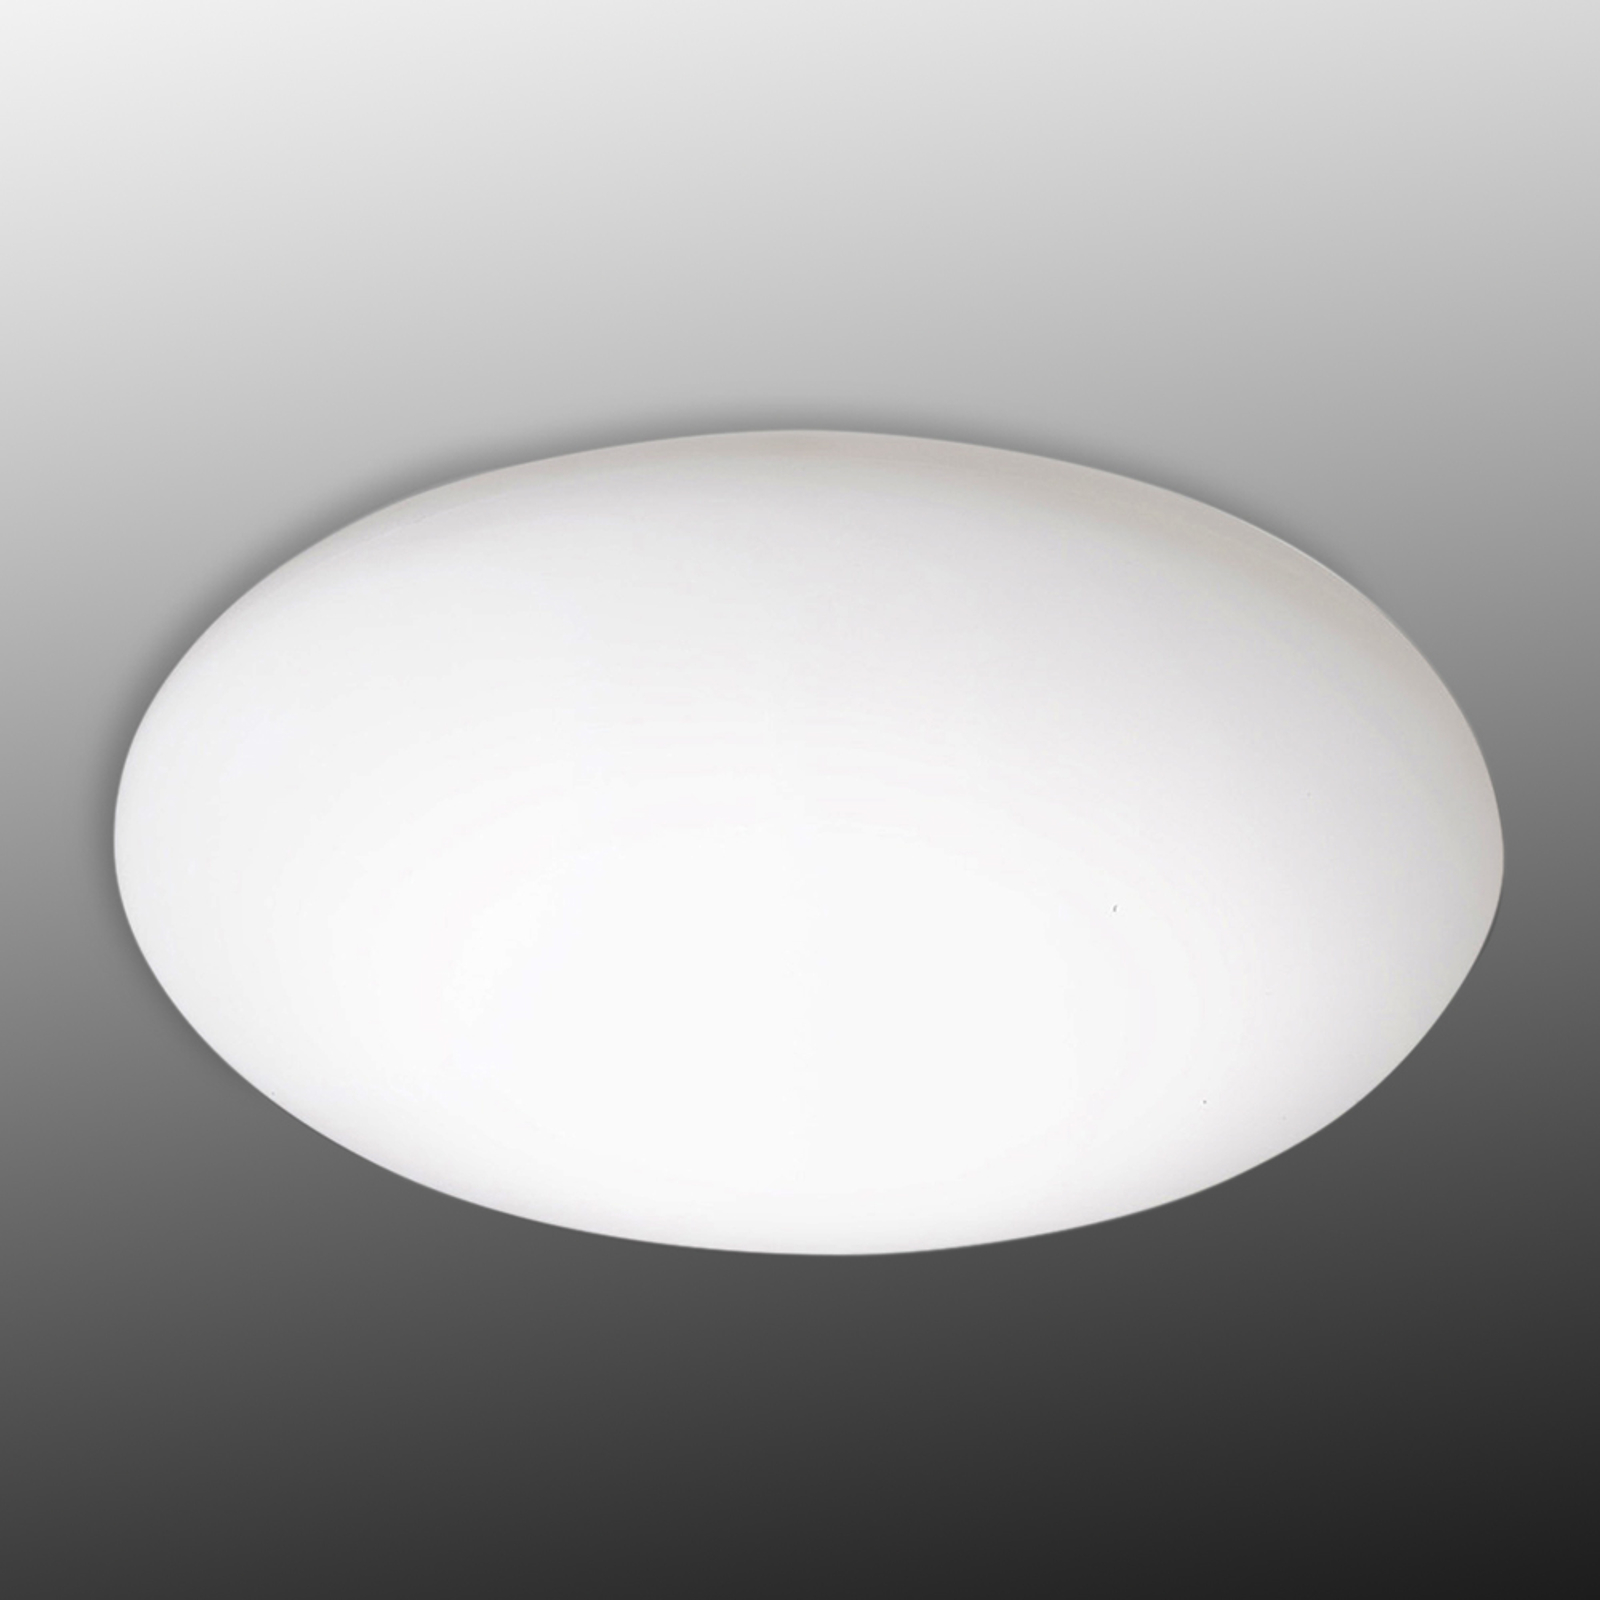 Squash - LED-Deckenleuchte aus Polyethylen